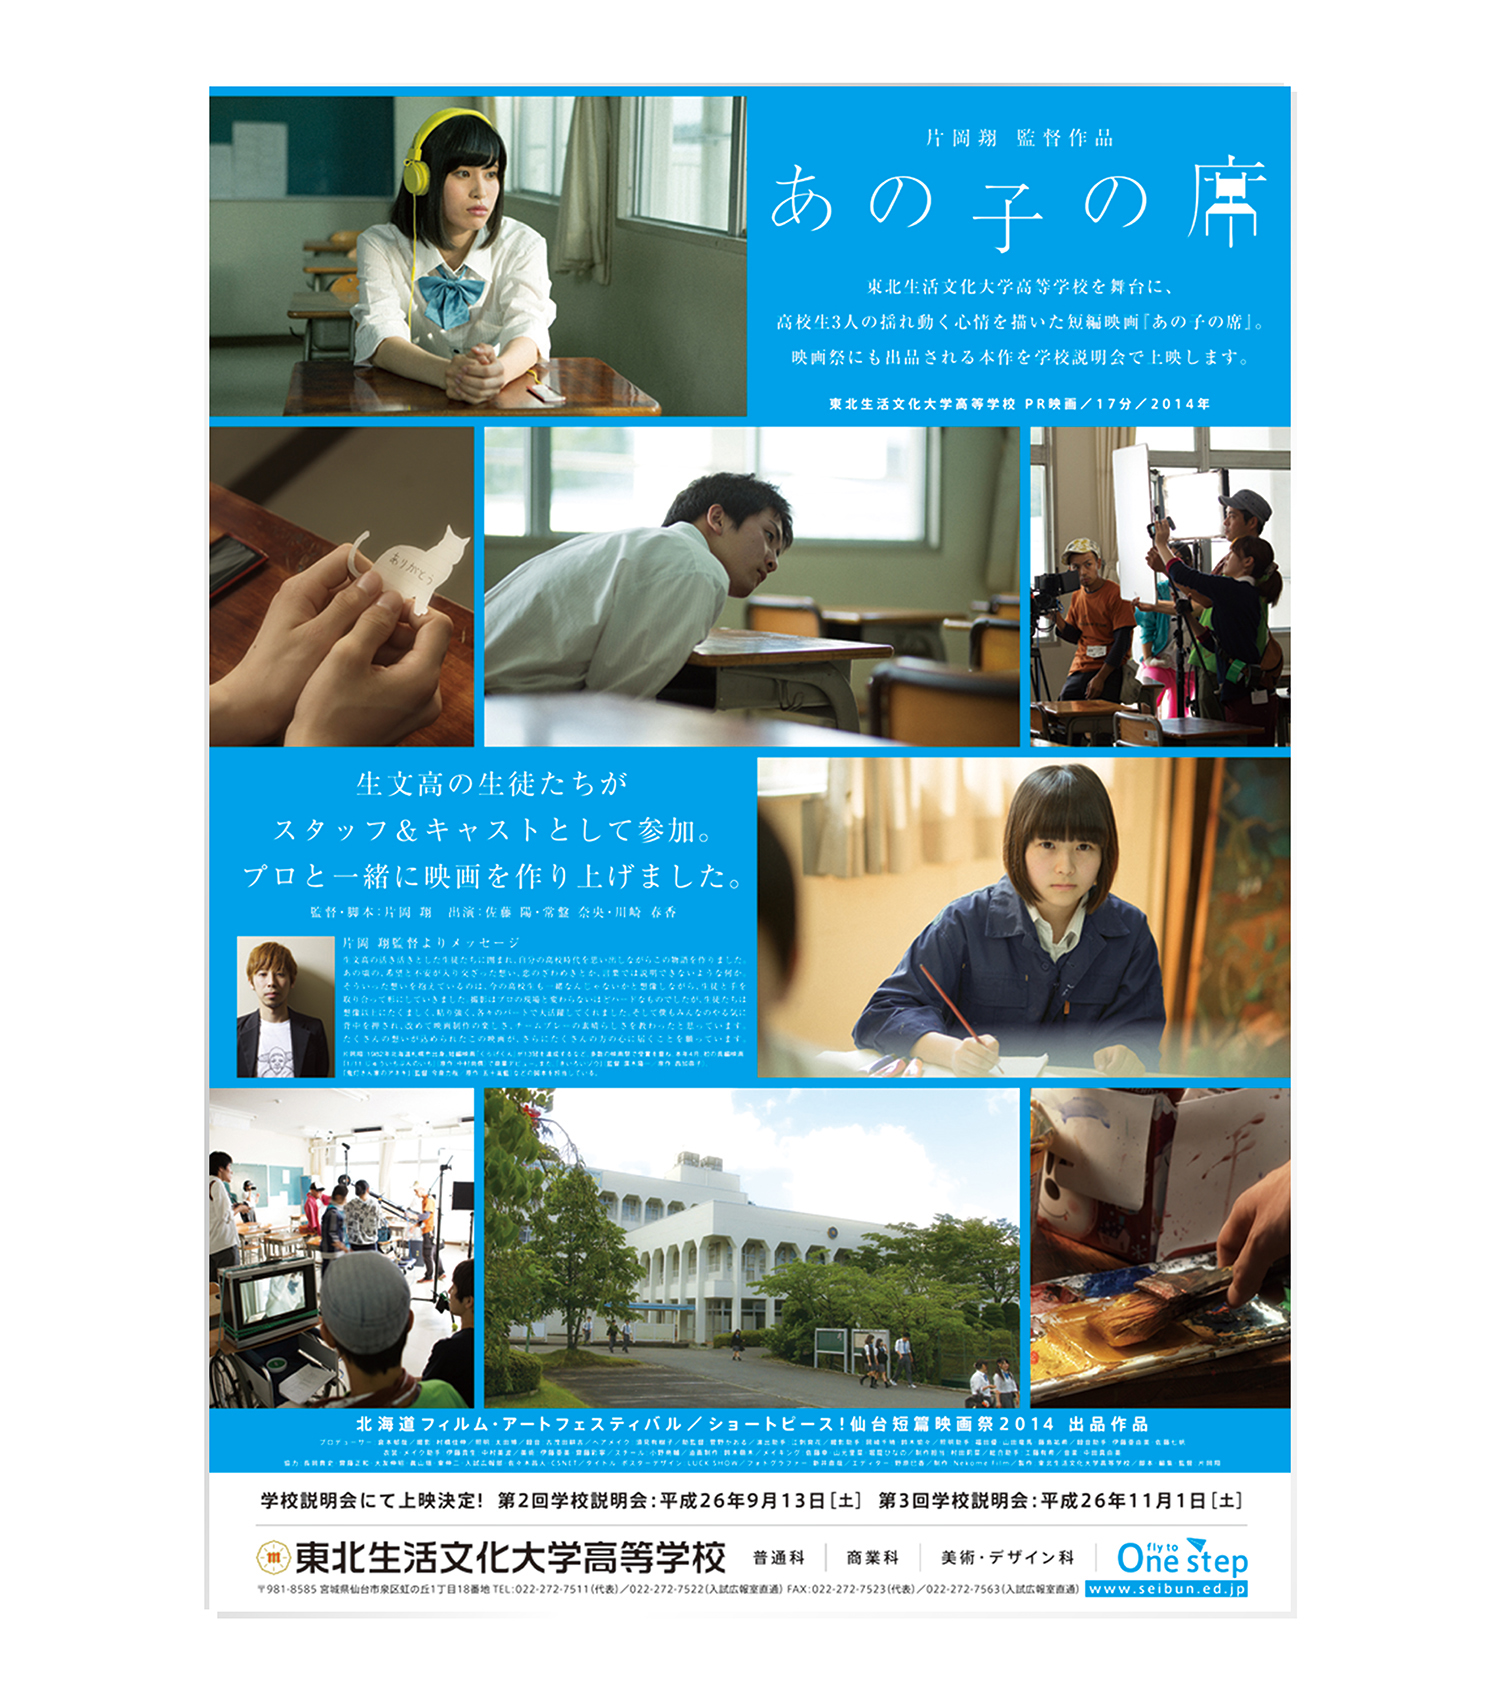 片岡翔 監督作品 短篇映画